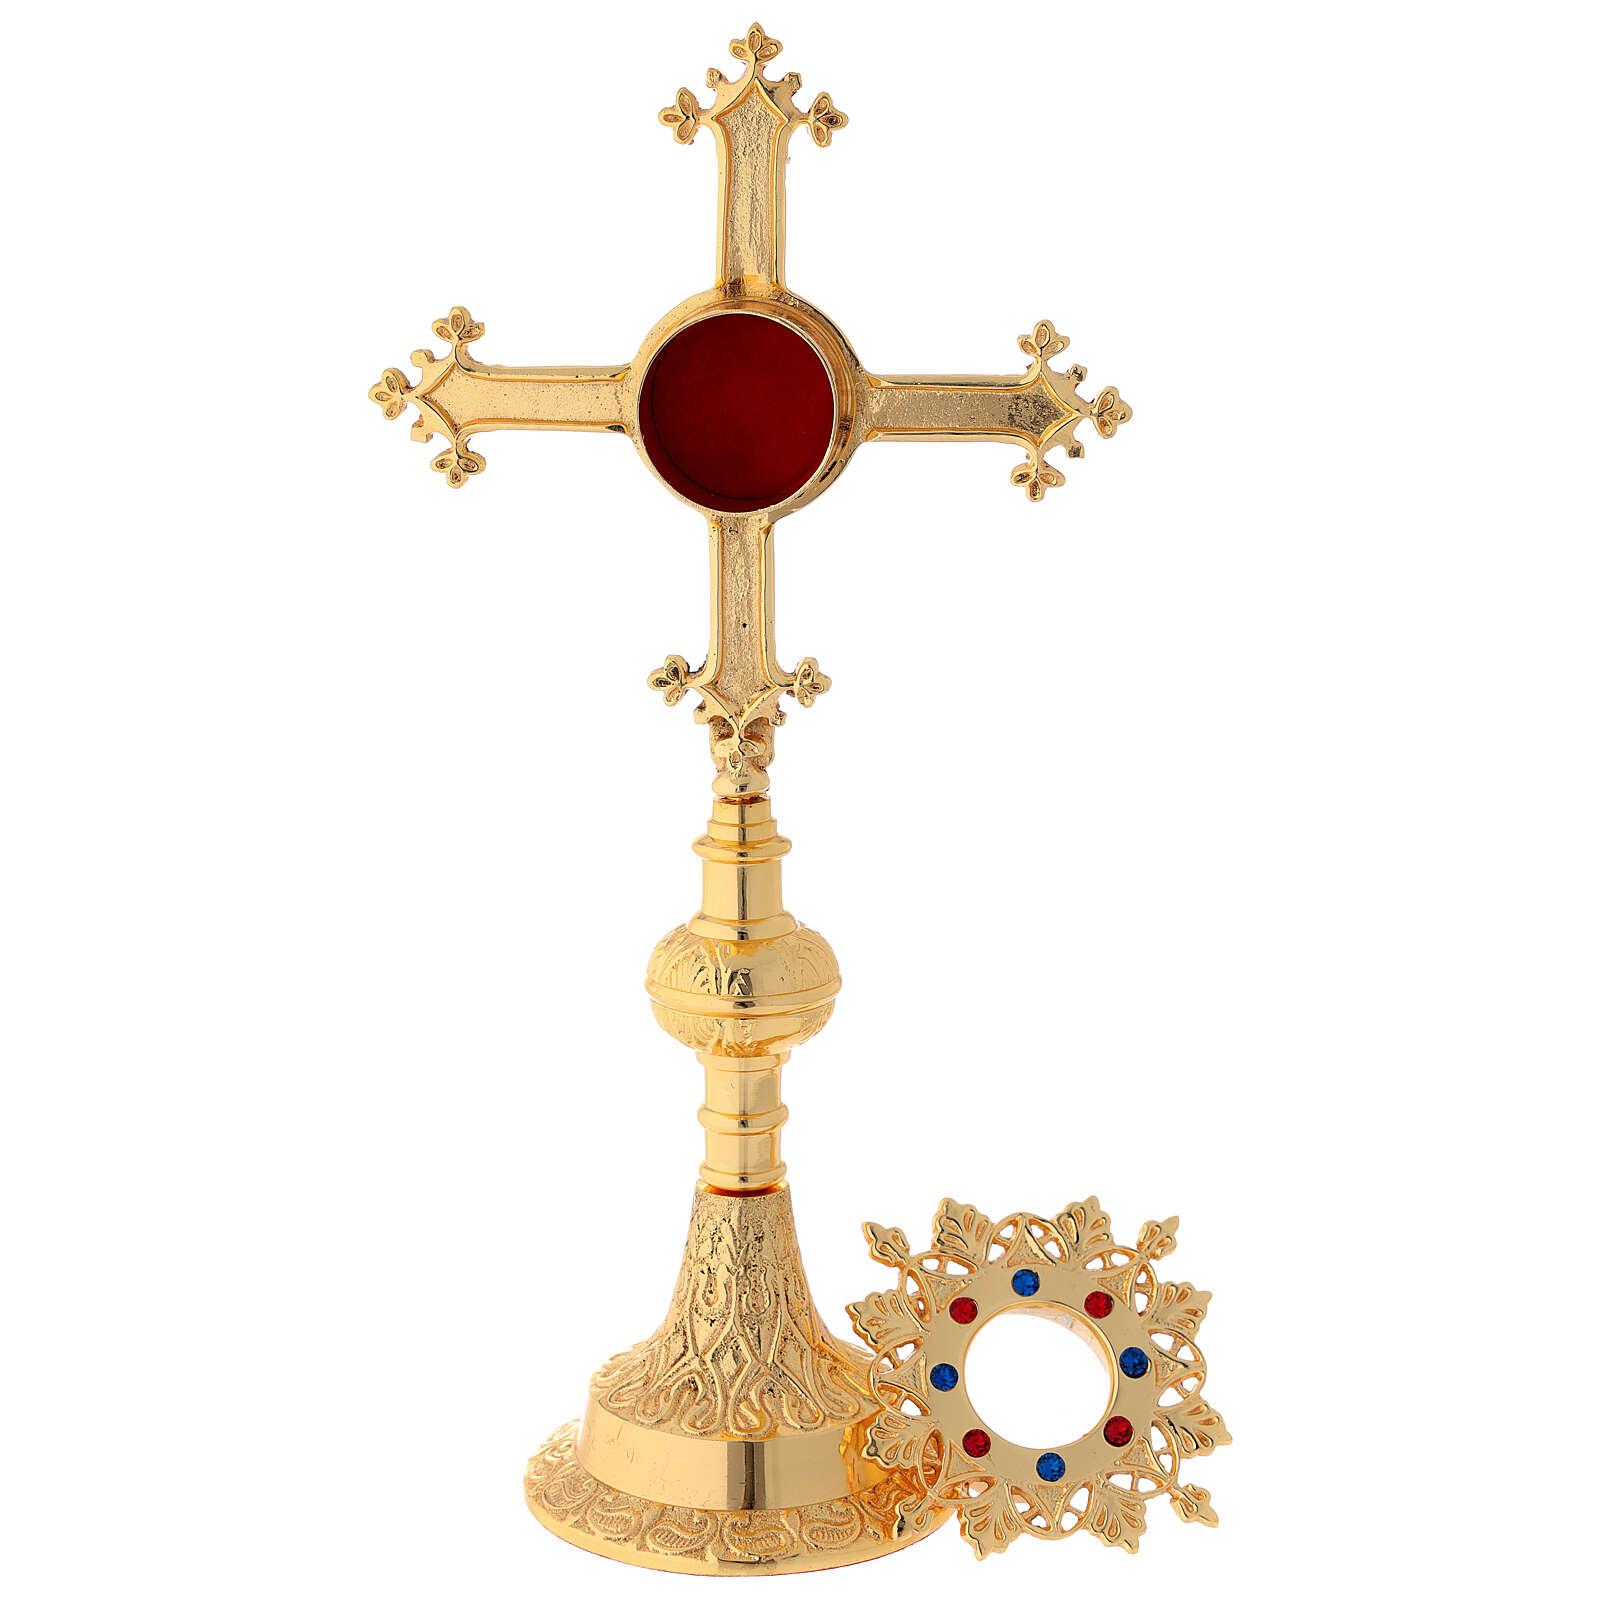 Reliquiario con pietre in ottone satinato dorato 27 cm 4